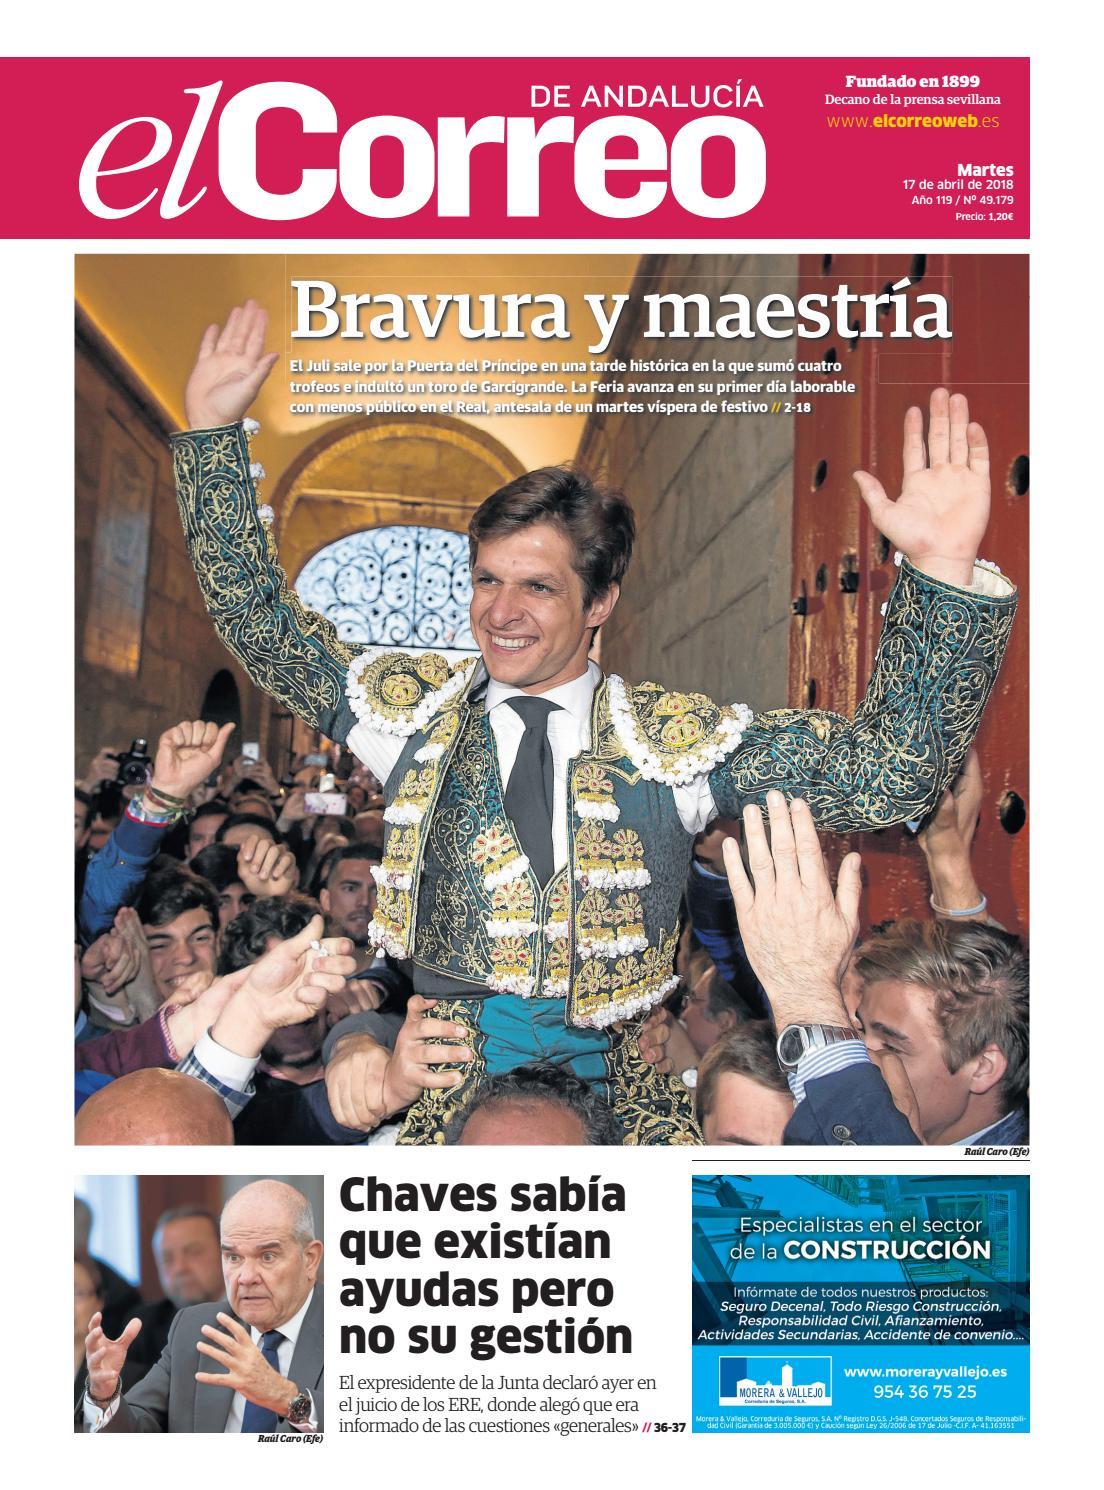 f0873b9261 17.04.2018 El Correo de Andalucía by EL CORREO DE ANDALUCÍA S.L. - issuu